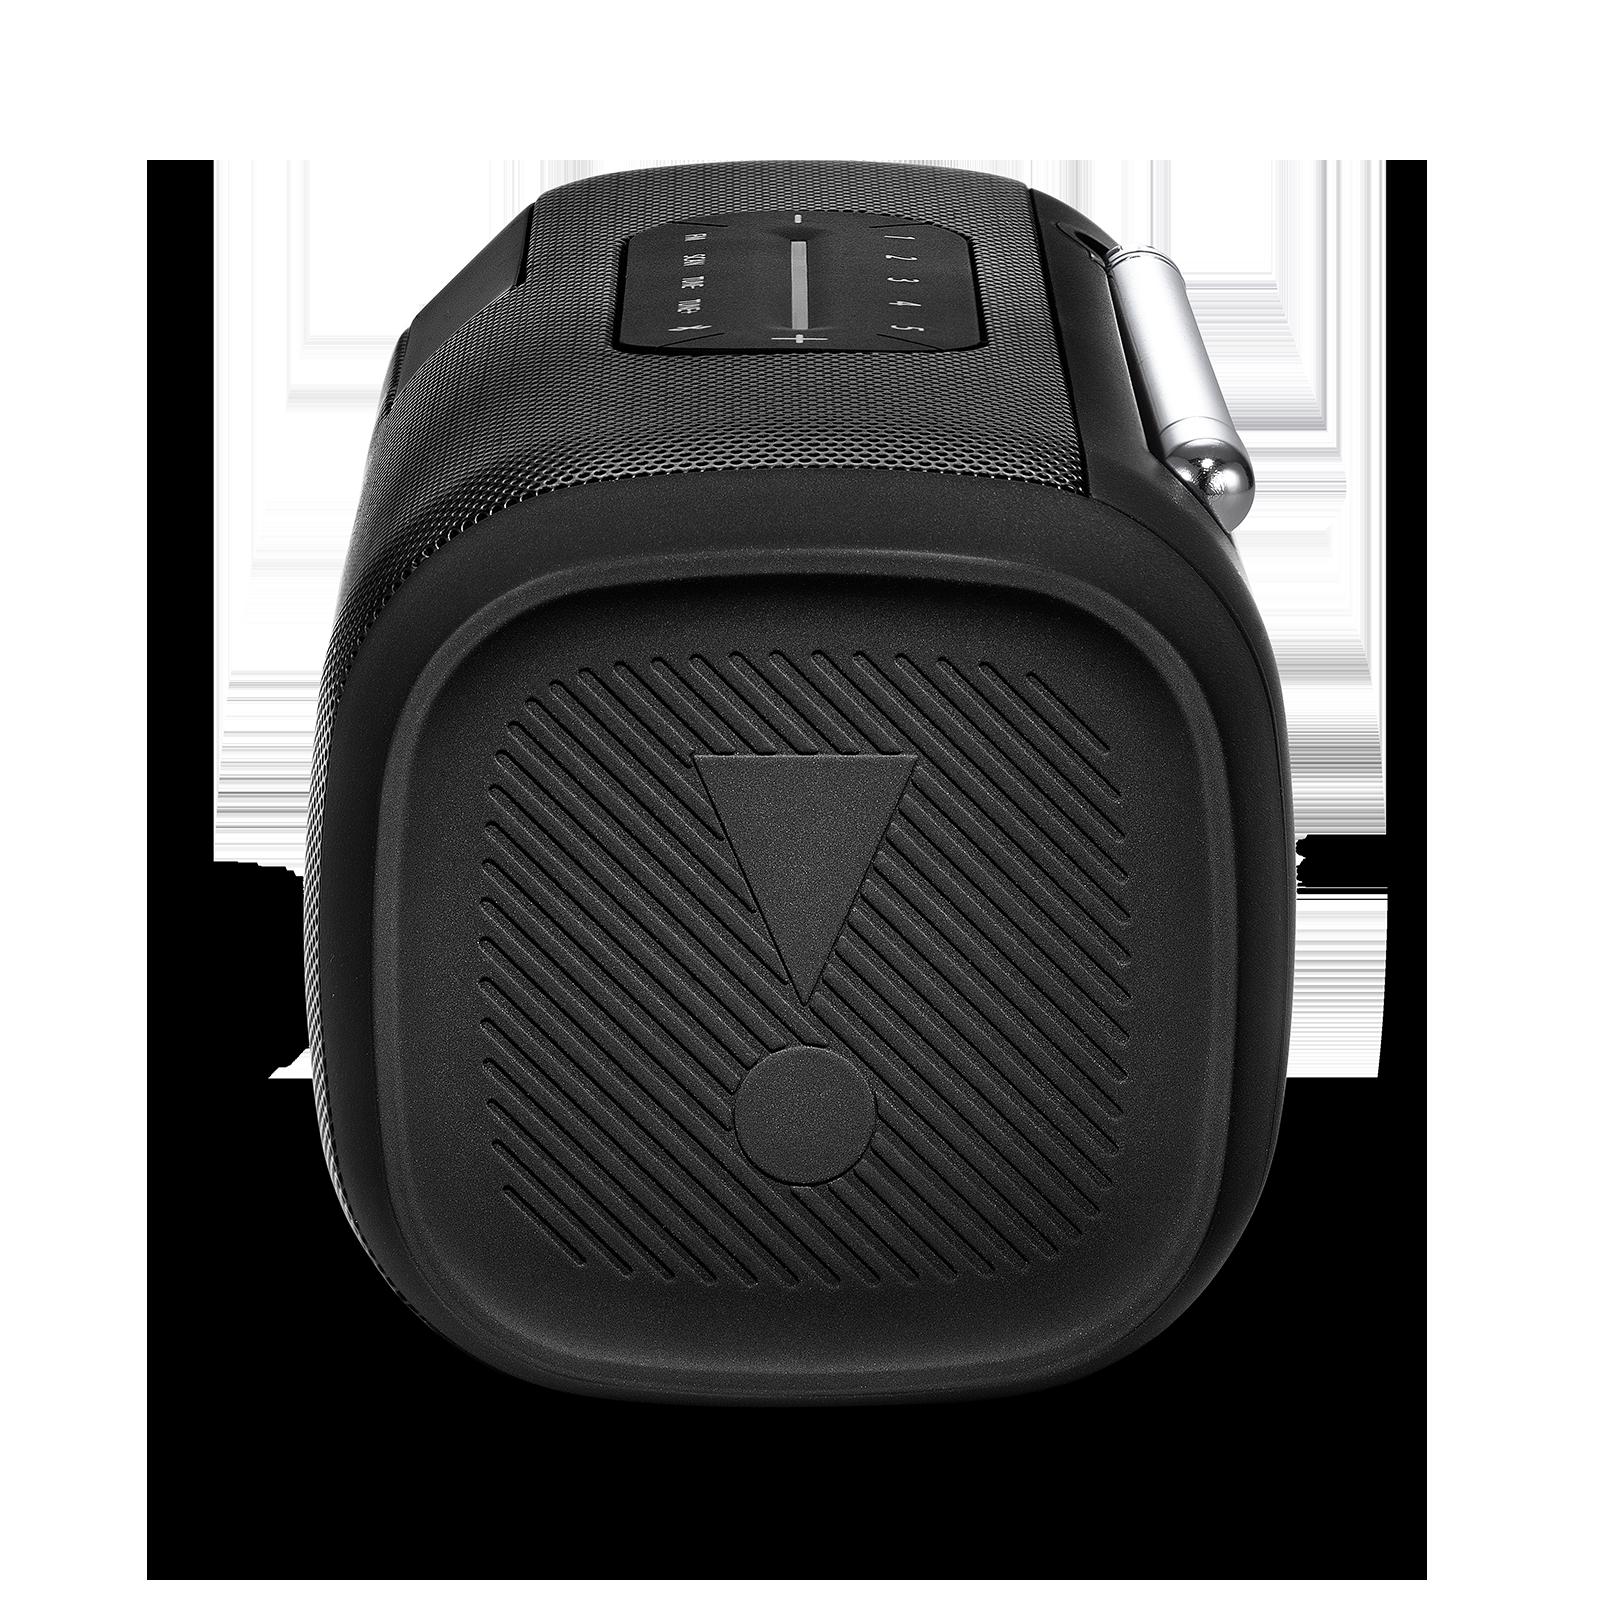 JBL Tuner FM - Black - Portable Bluetooth Speaker with FM radio - Detailshot 1